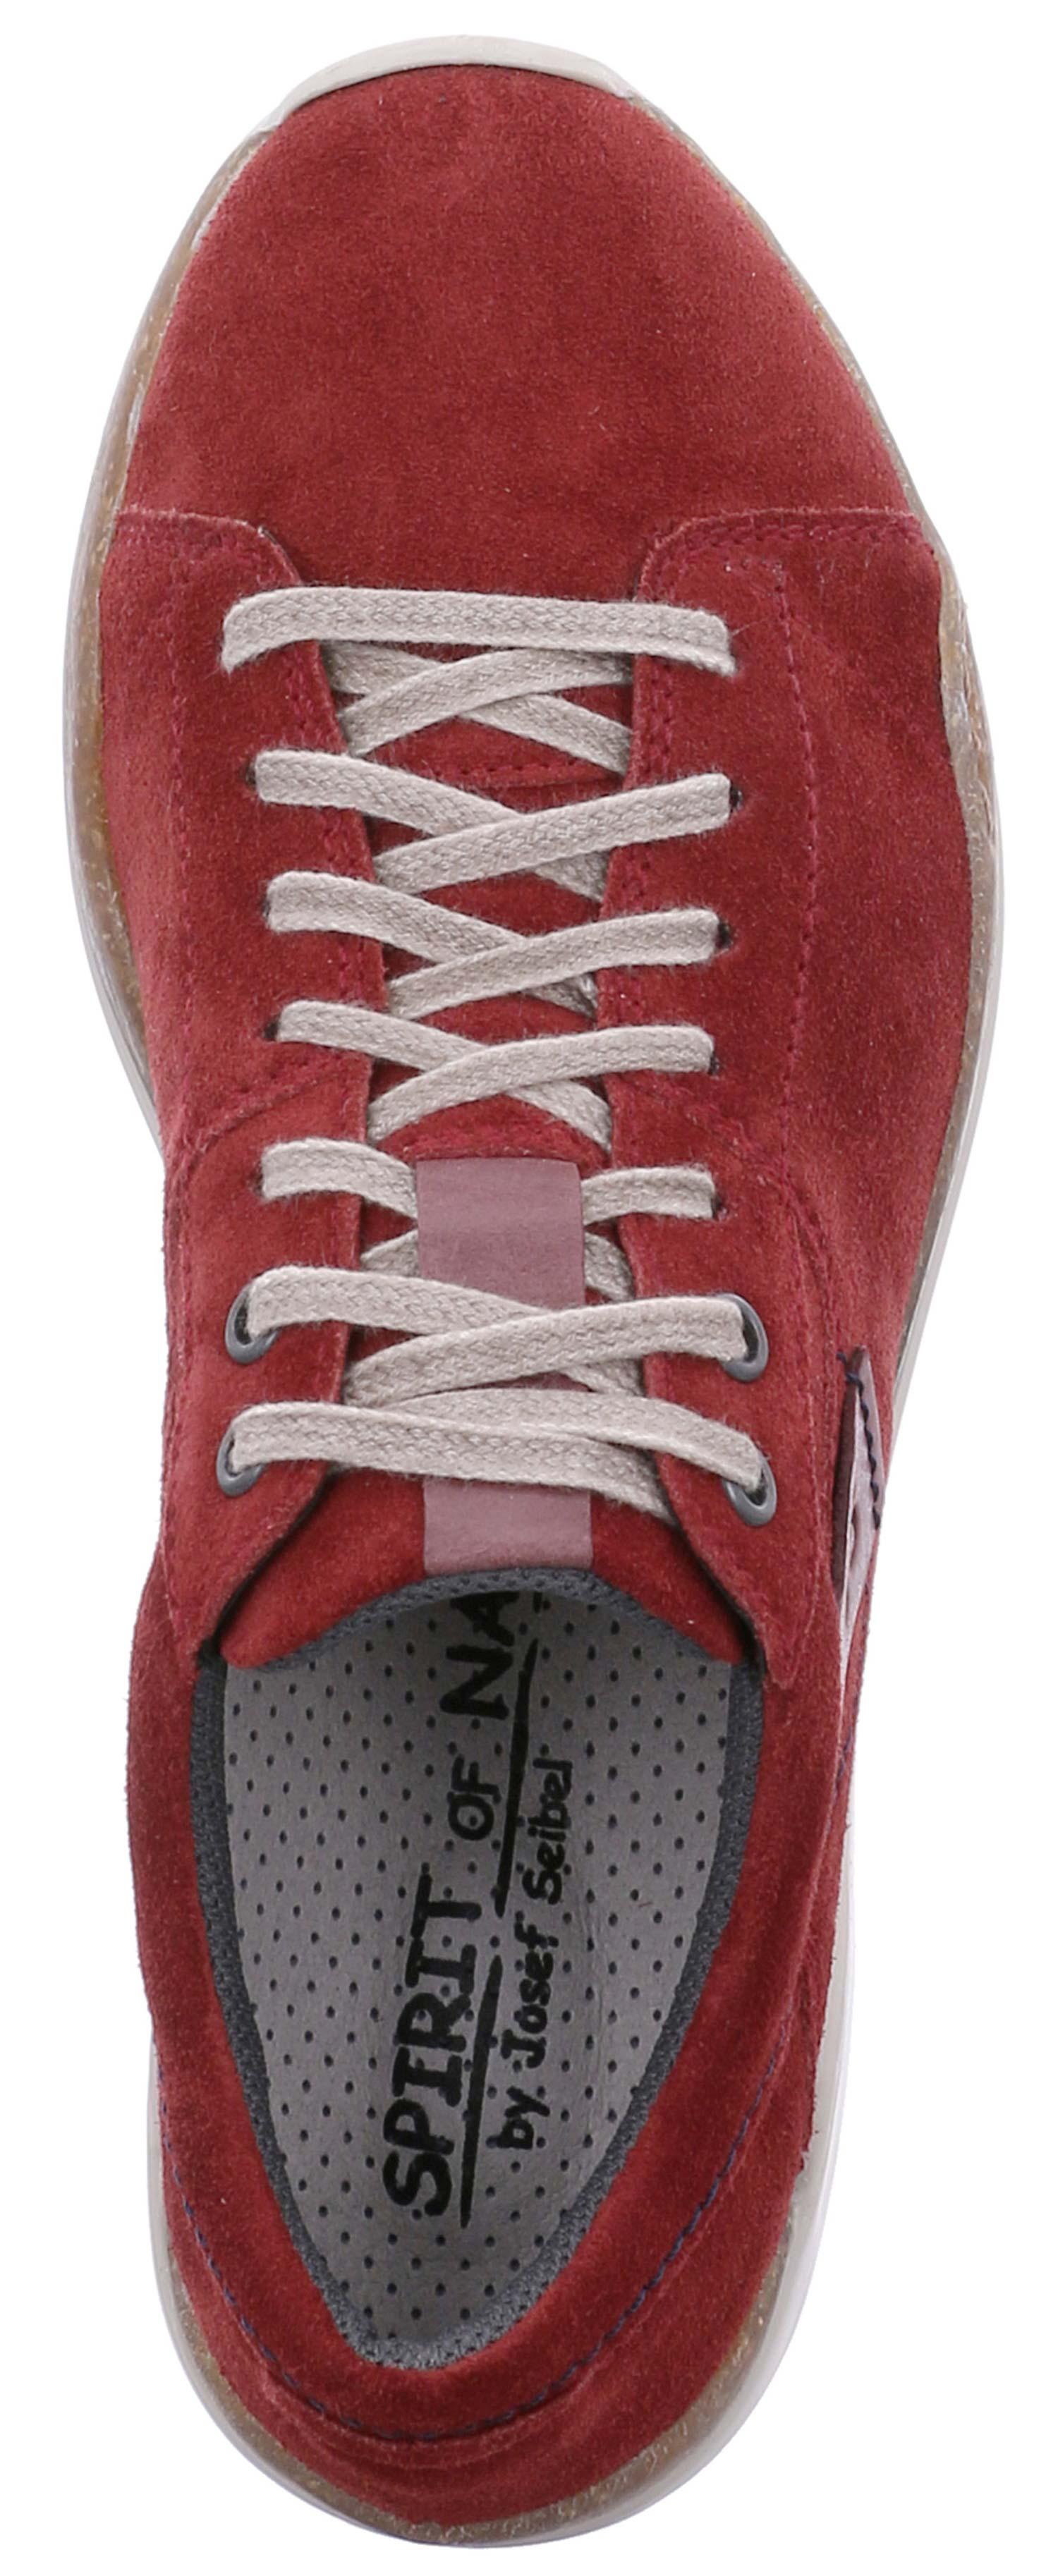 Josef Seibel Ricky Zapatos Zapatos Zapatos de Mujer Mocasines Informal 69401te949 460 Rojo Nuevo 352618